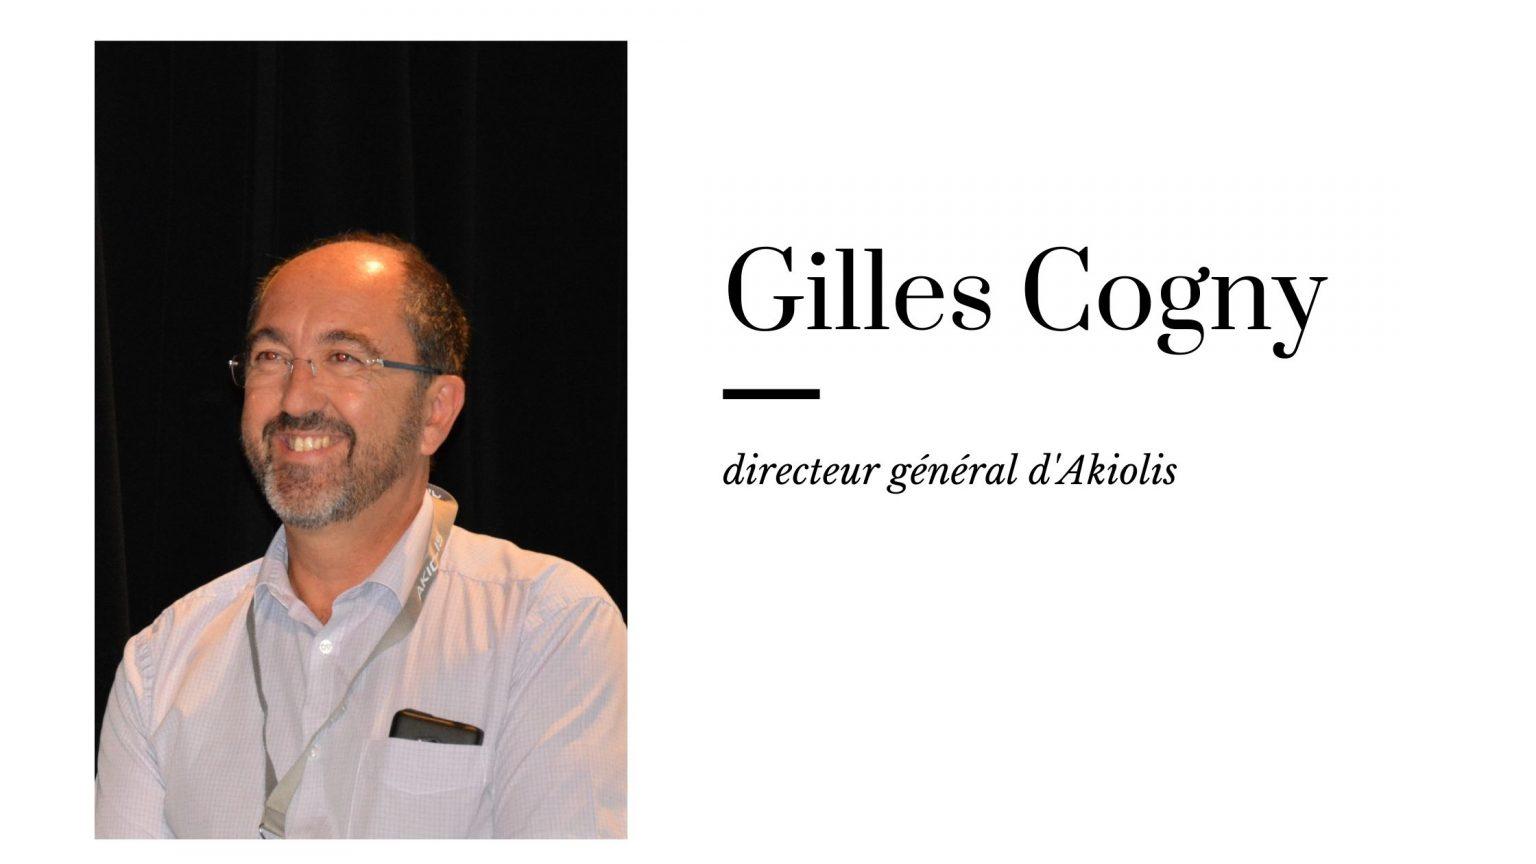 Pour Akiolis, la gestion des talents est une question d'environnement - L'interview de Gilles Cogny